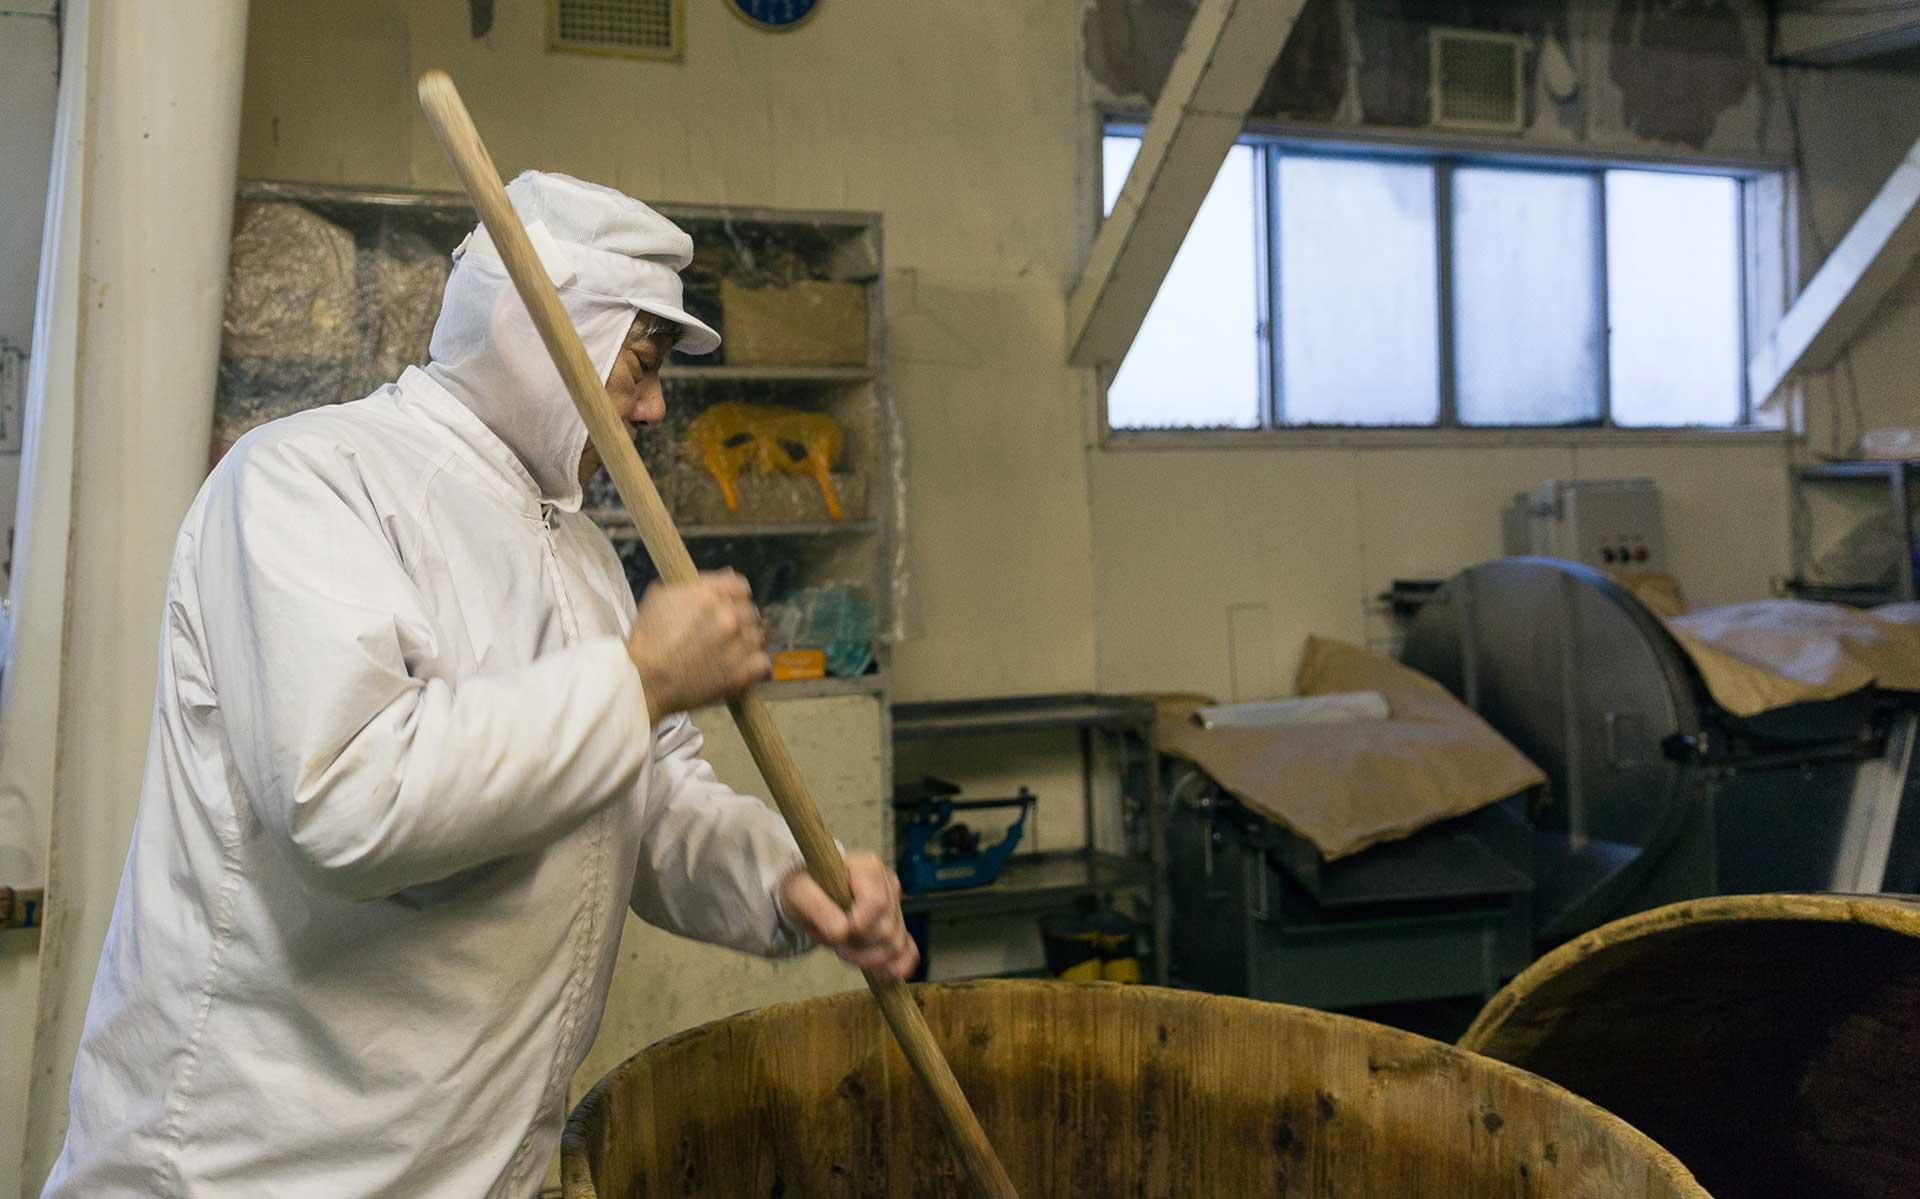 6尺の樫の棒で毎日5分ほど攪拌します